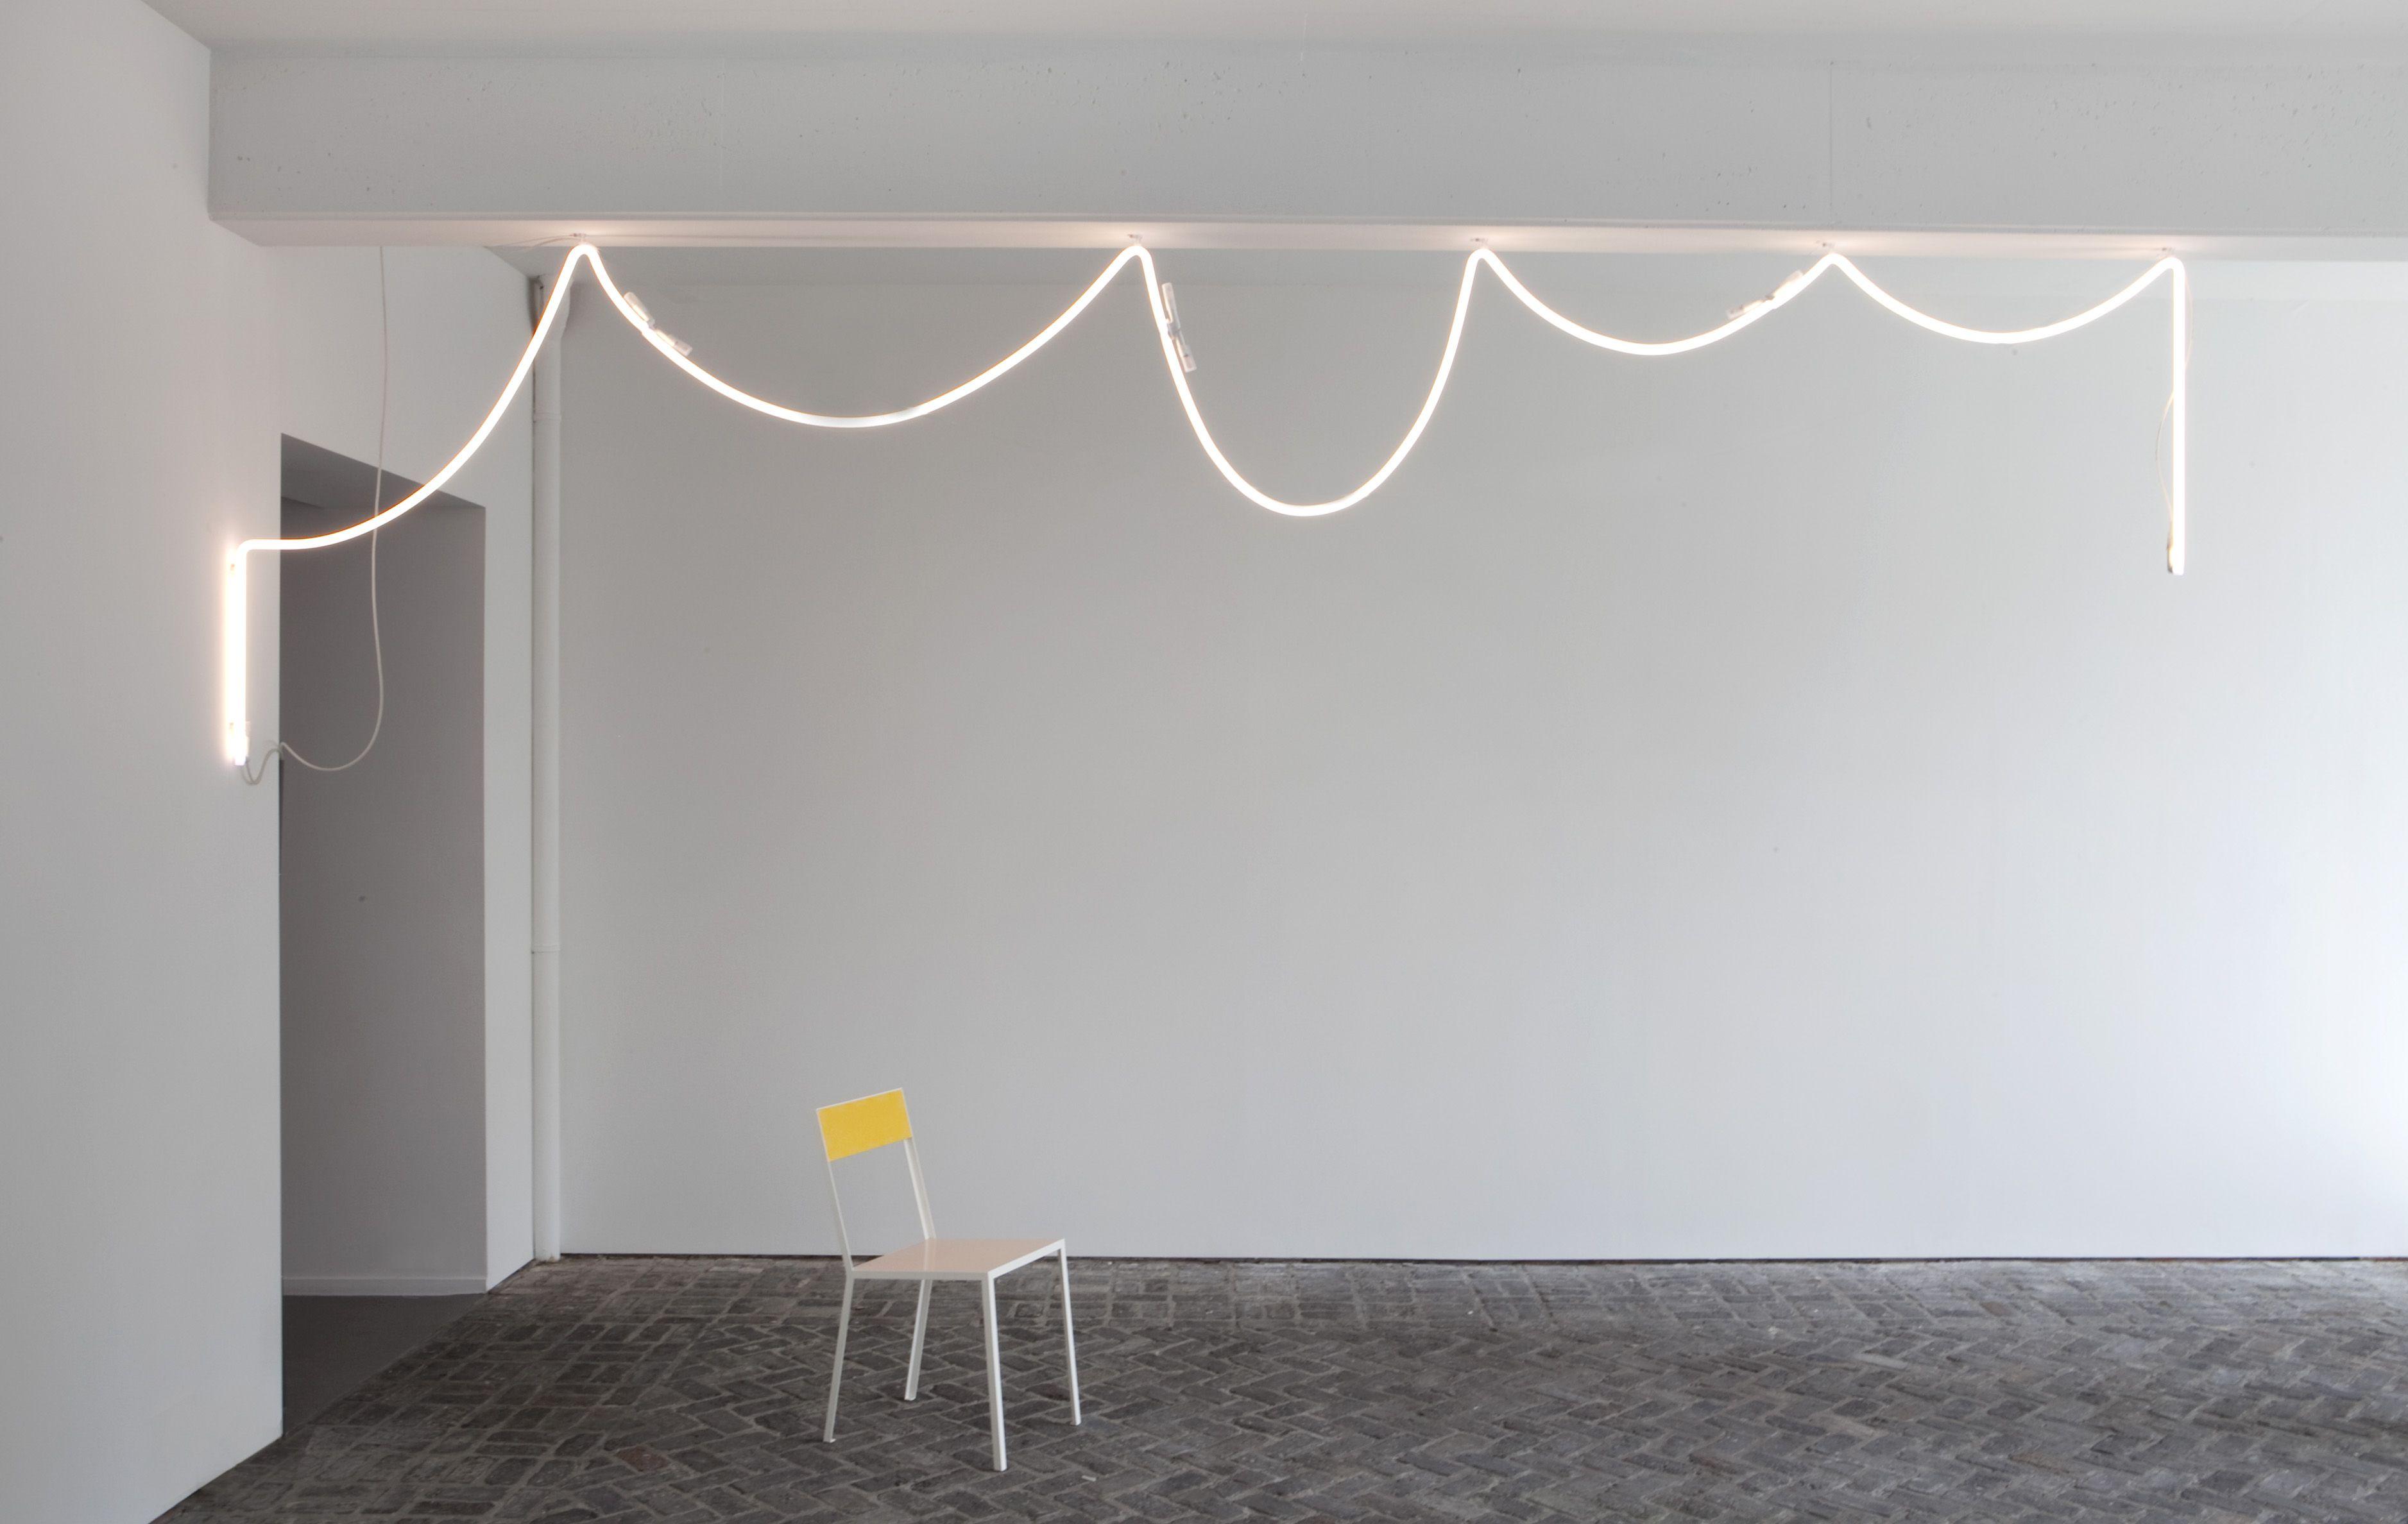 Muller van severen 10 questions graphic pinterest interiors